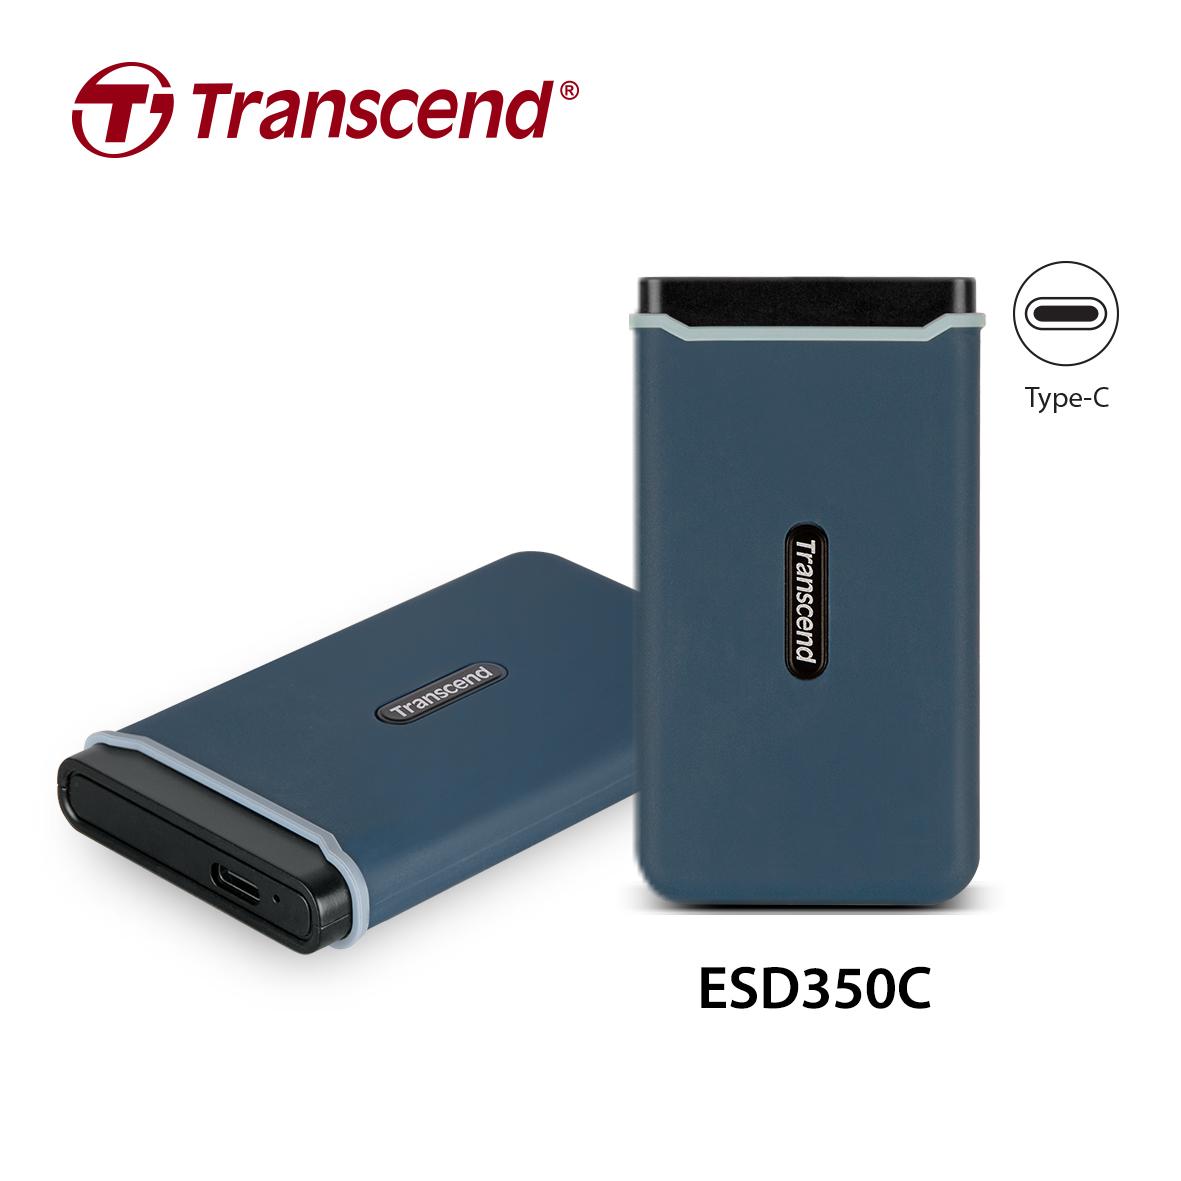 transcend esd350c 1 ทรานส์เซนด์ เปิดตัว SSD แบบพกพา รุ่น ESD350C สำหรับผู้ต้องการความเร็วที่เหนือกว่า